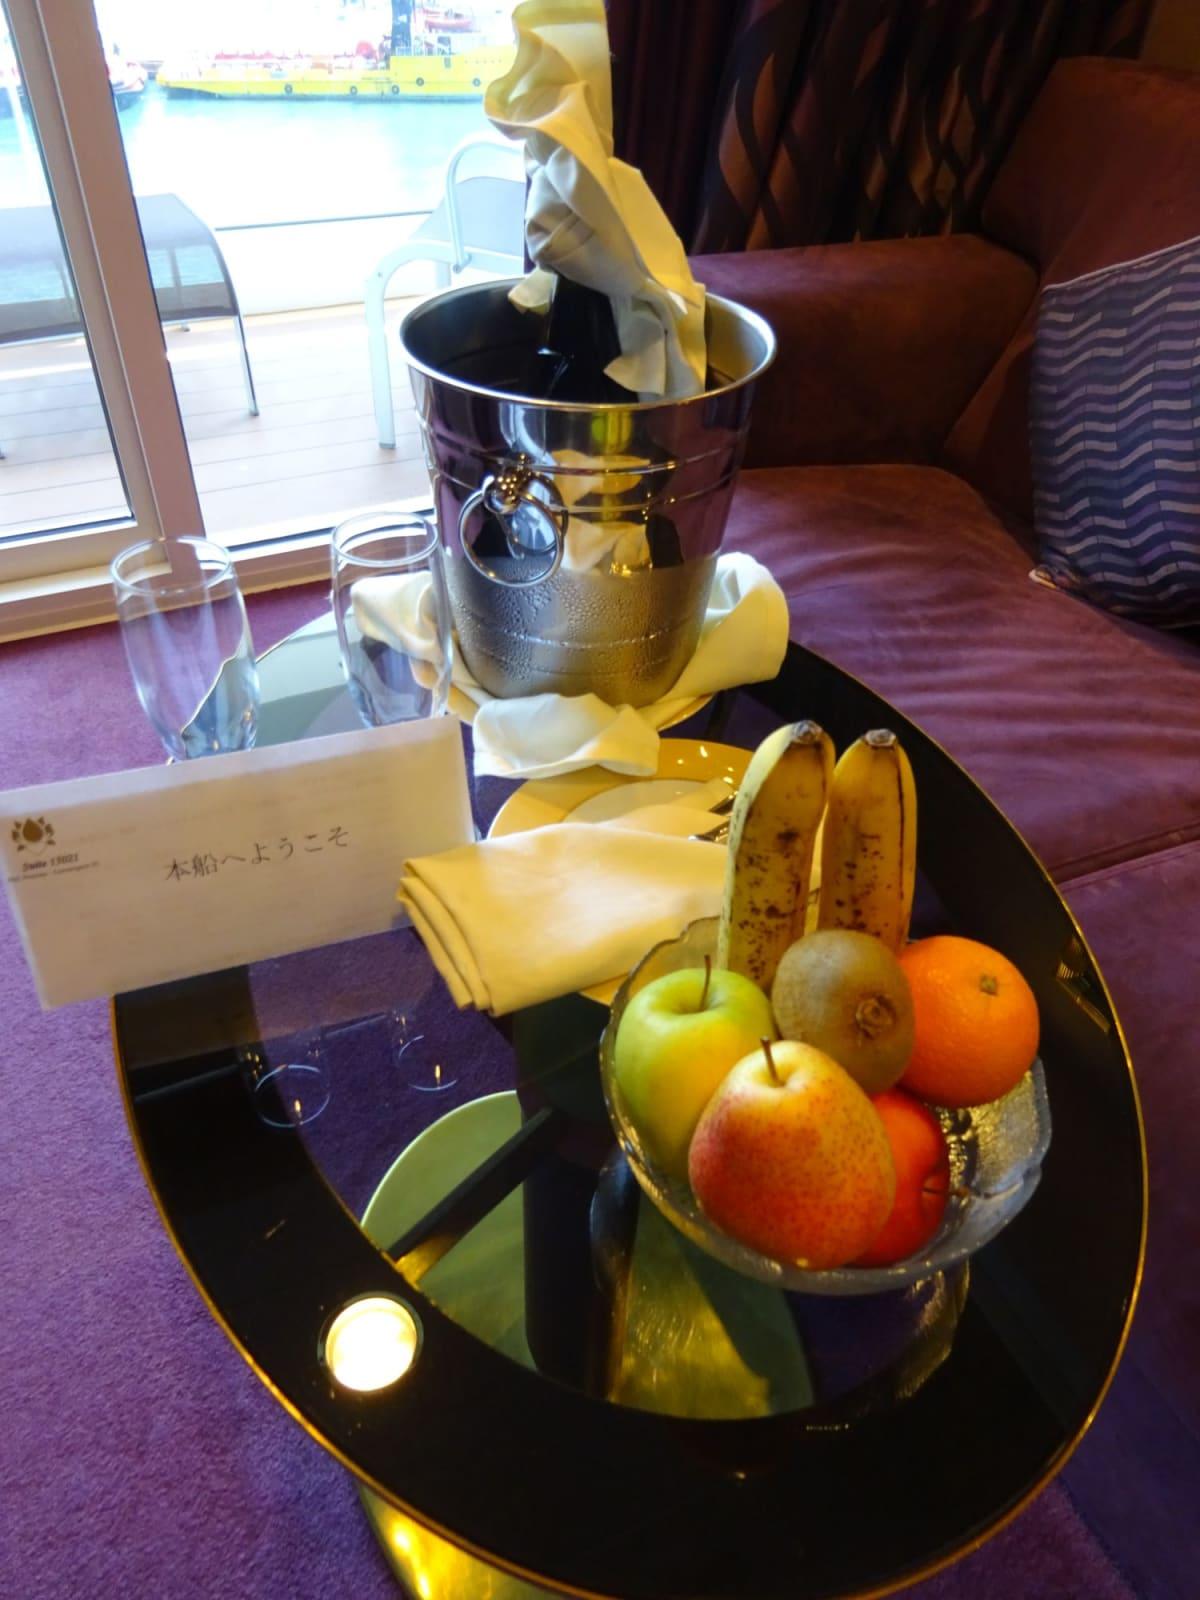 Welcome Champaigne があるもののいつでも、飲めるので結局部屋のは飲みませんでした。   客船MSCプレチオーサの客室、フード&ドリンク